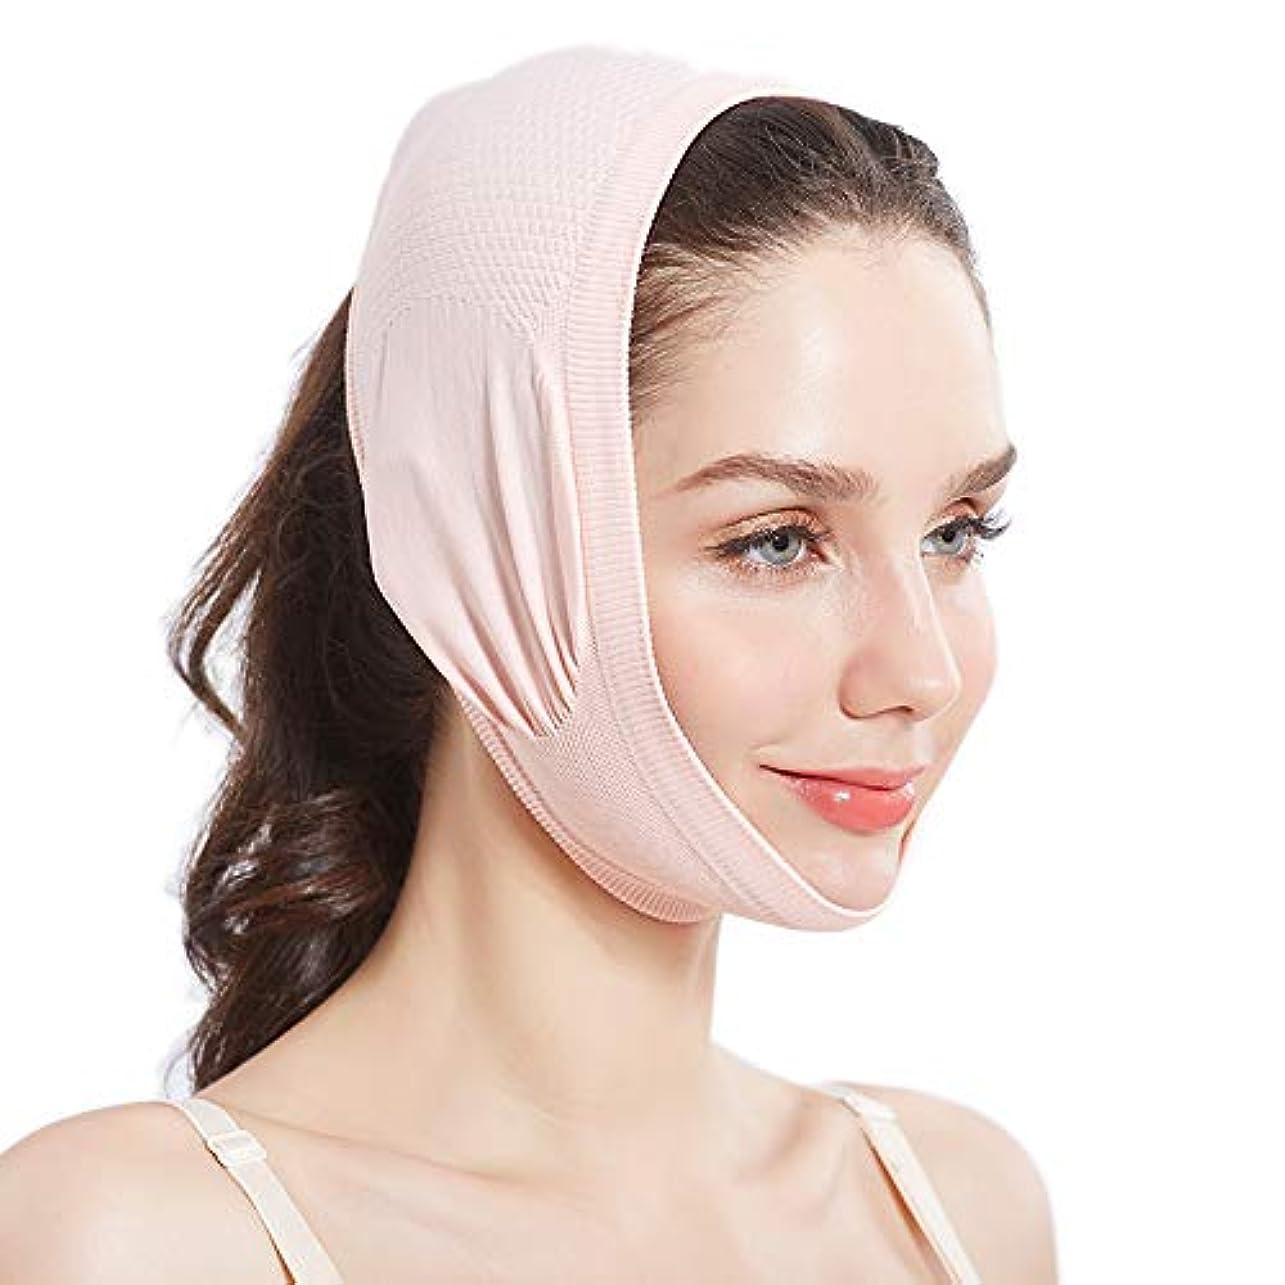 市の花バックグラウンド不明瞭痩身チークマスク、抗ストレスウェルネスマスク、スリム顔、滑らかな通気性の圧縮あご細いストラップ V フェースラインリフトアップベルトバンド,Pink